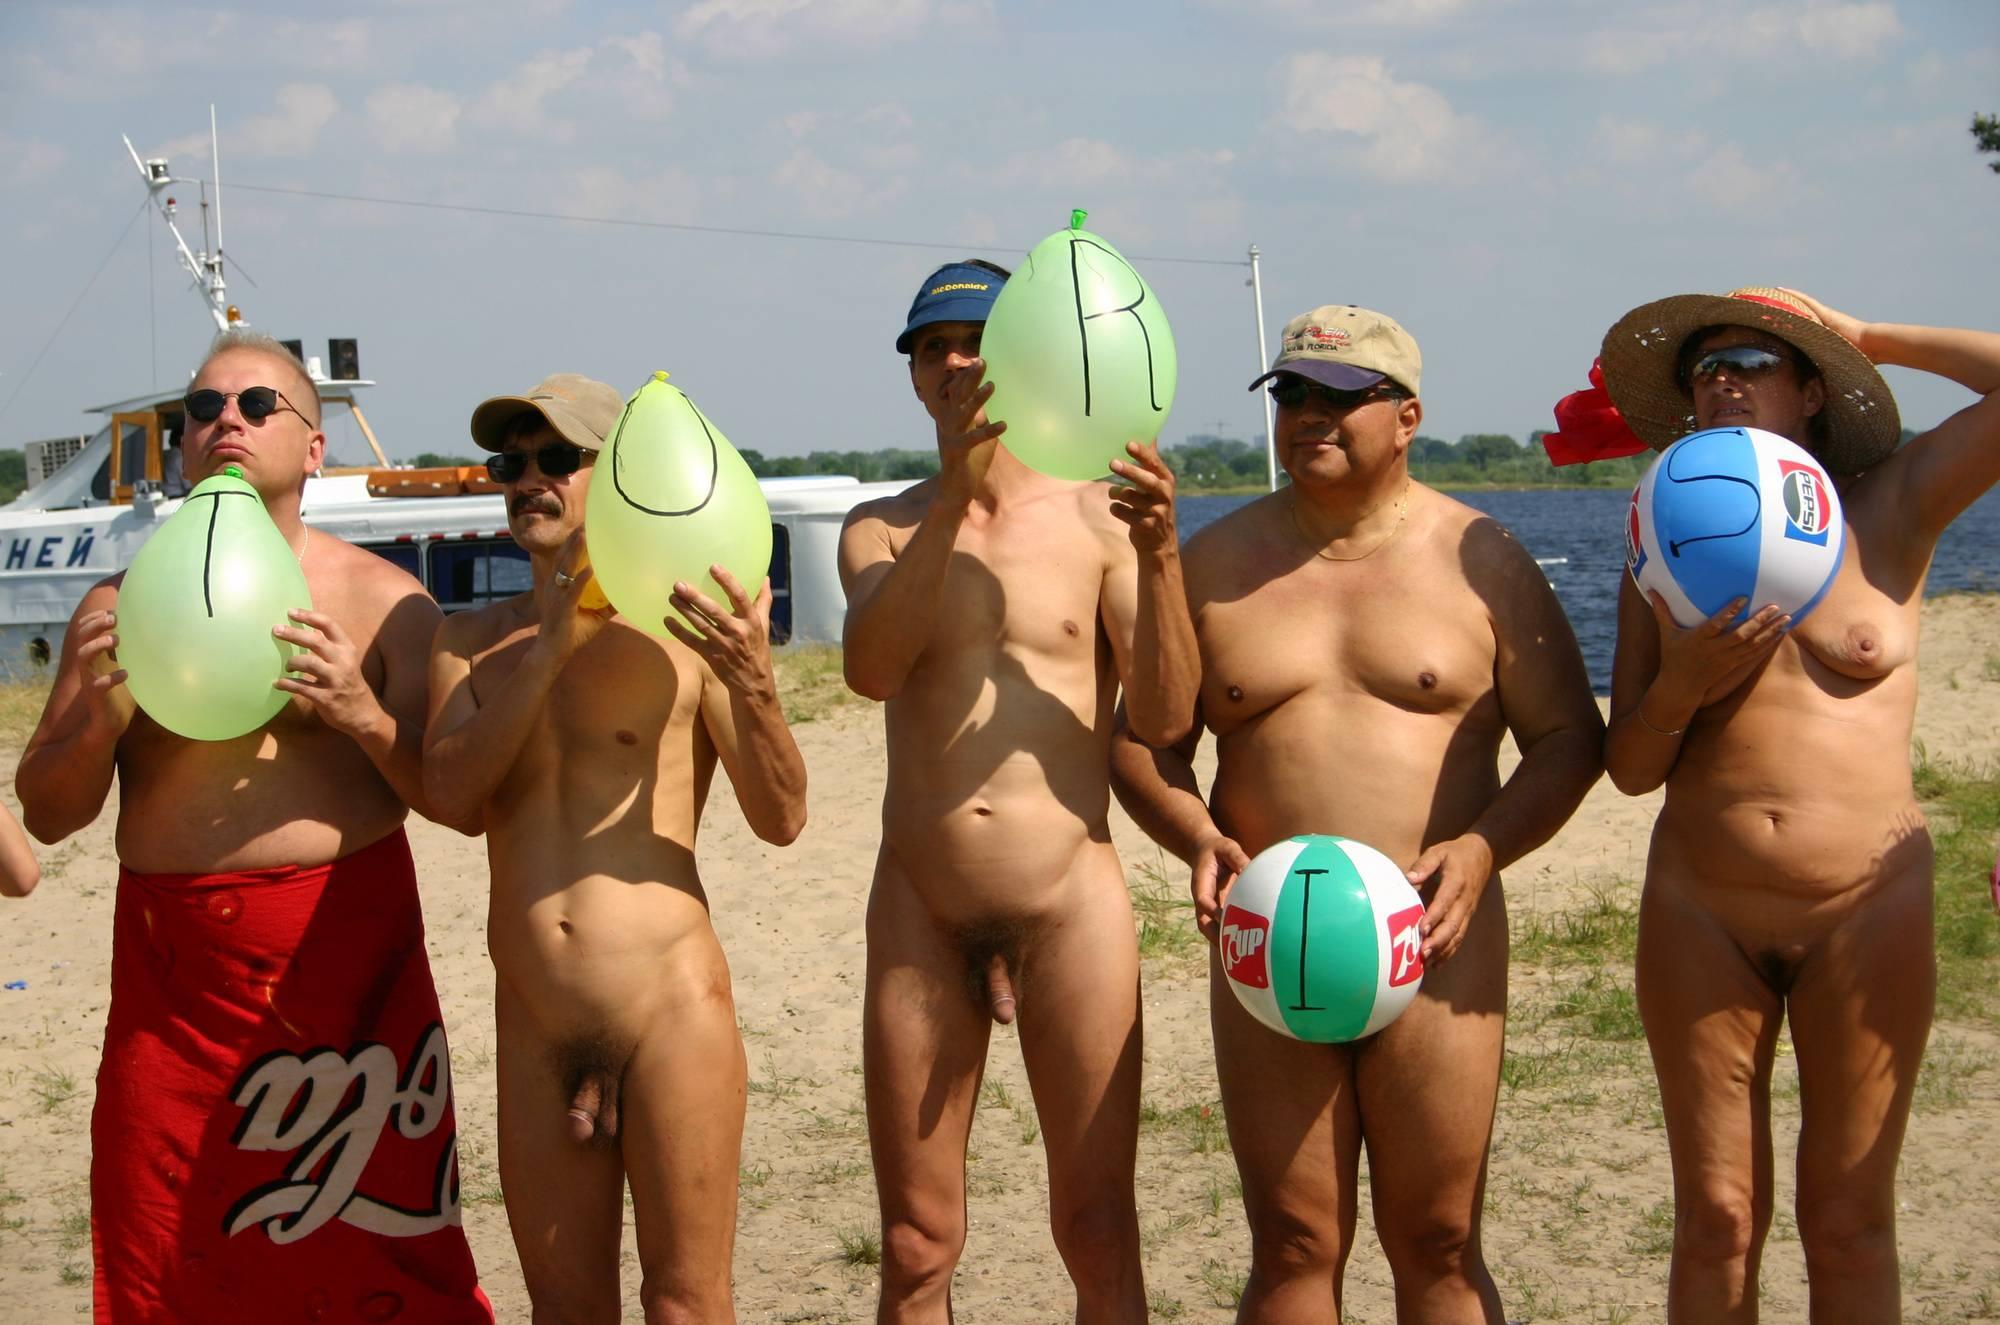 Nudist Photos Kiev Balloon Fun Jamboree - 2